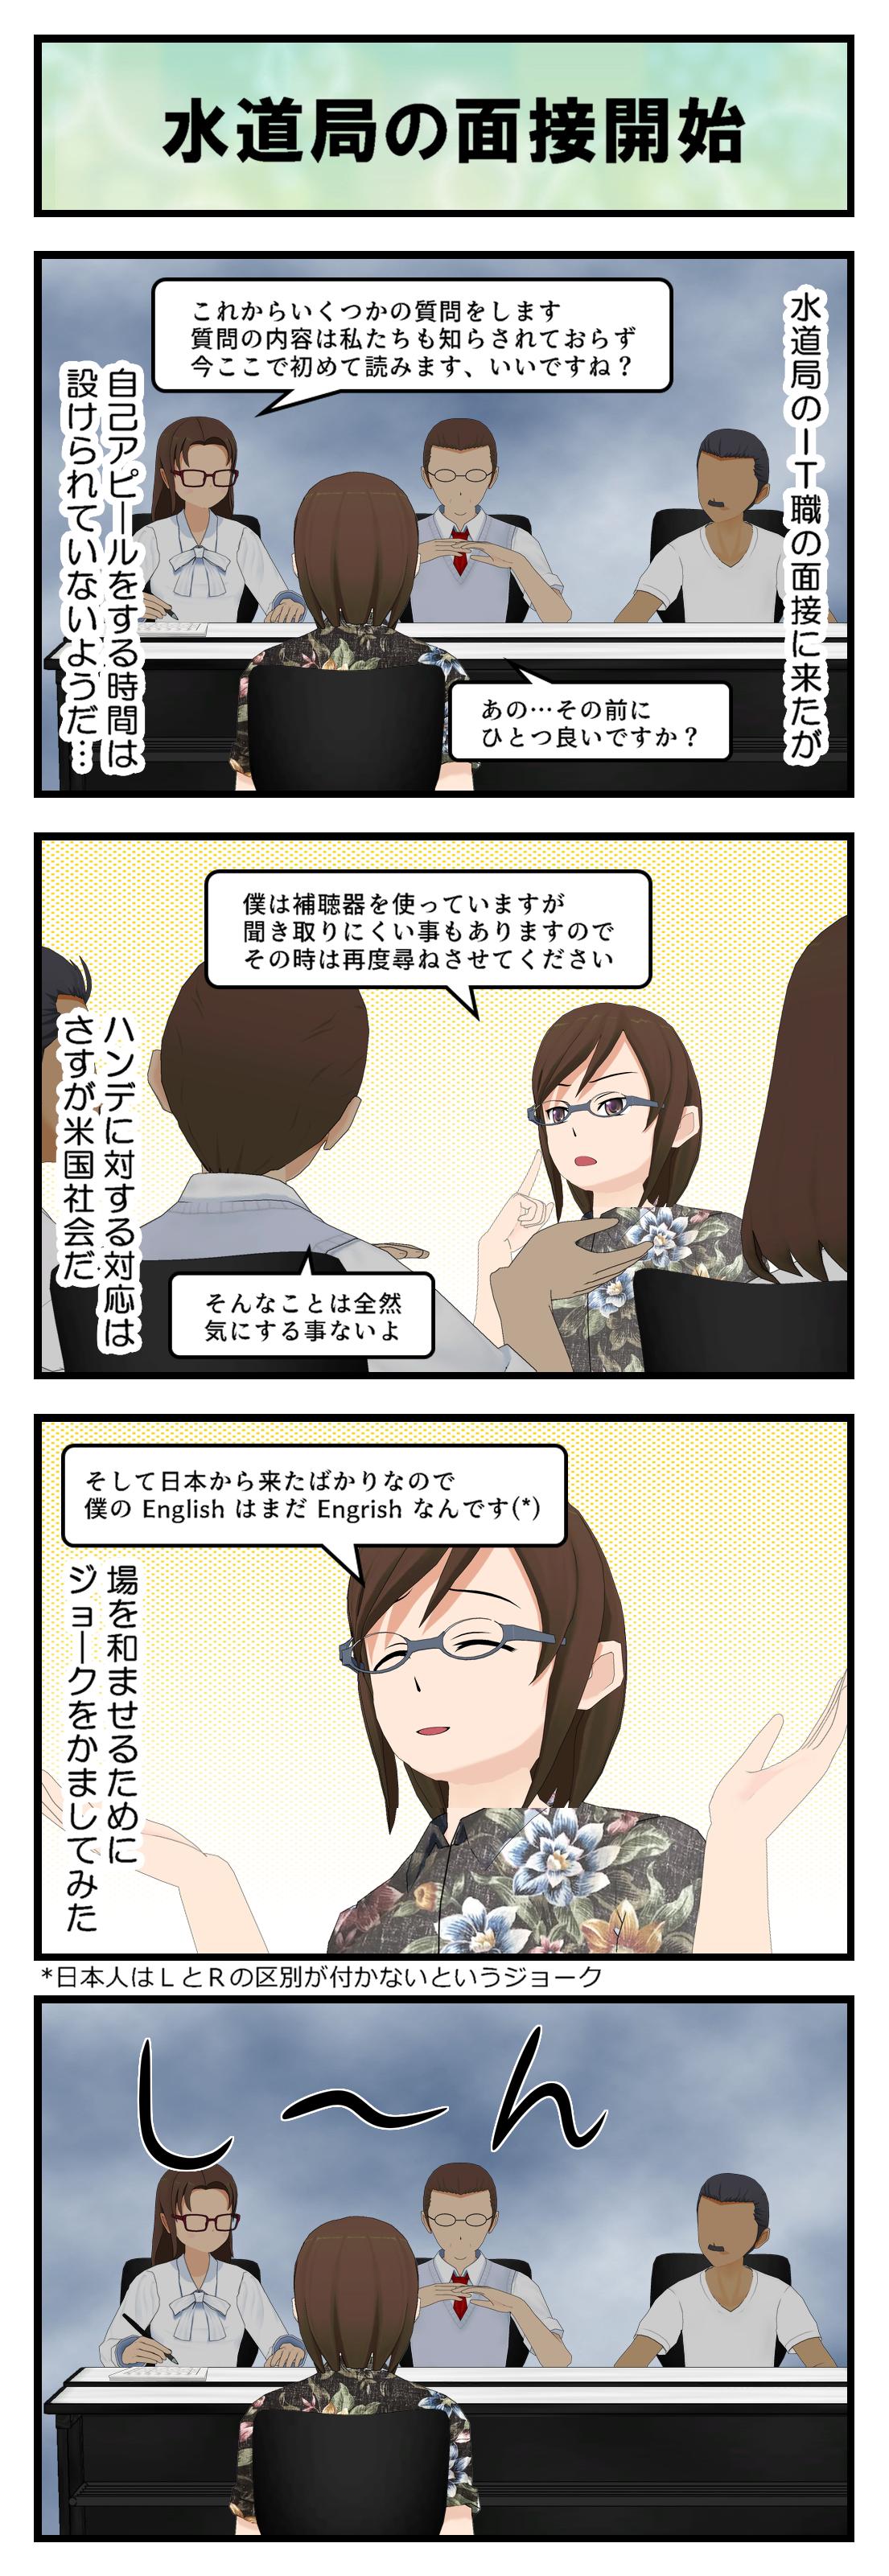 R461_水道局面接2_001